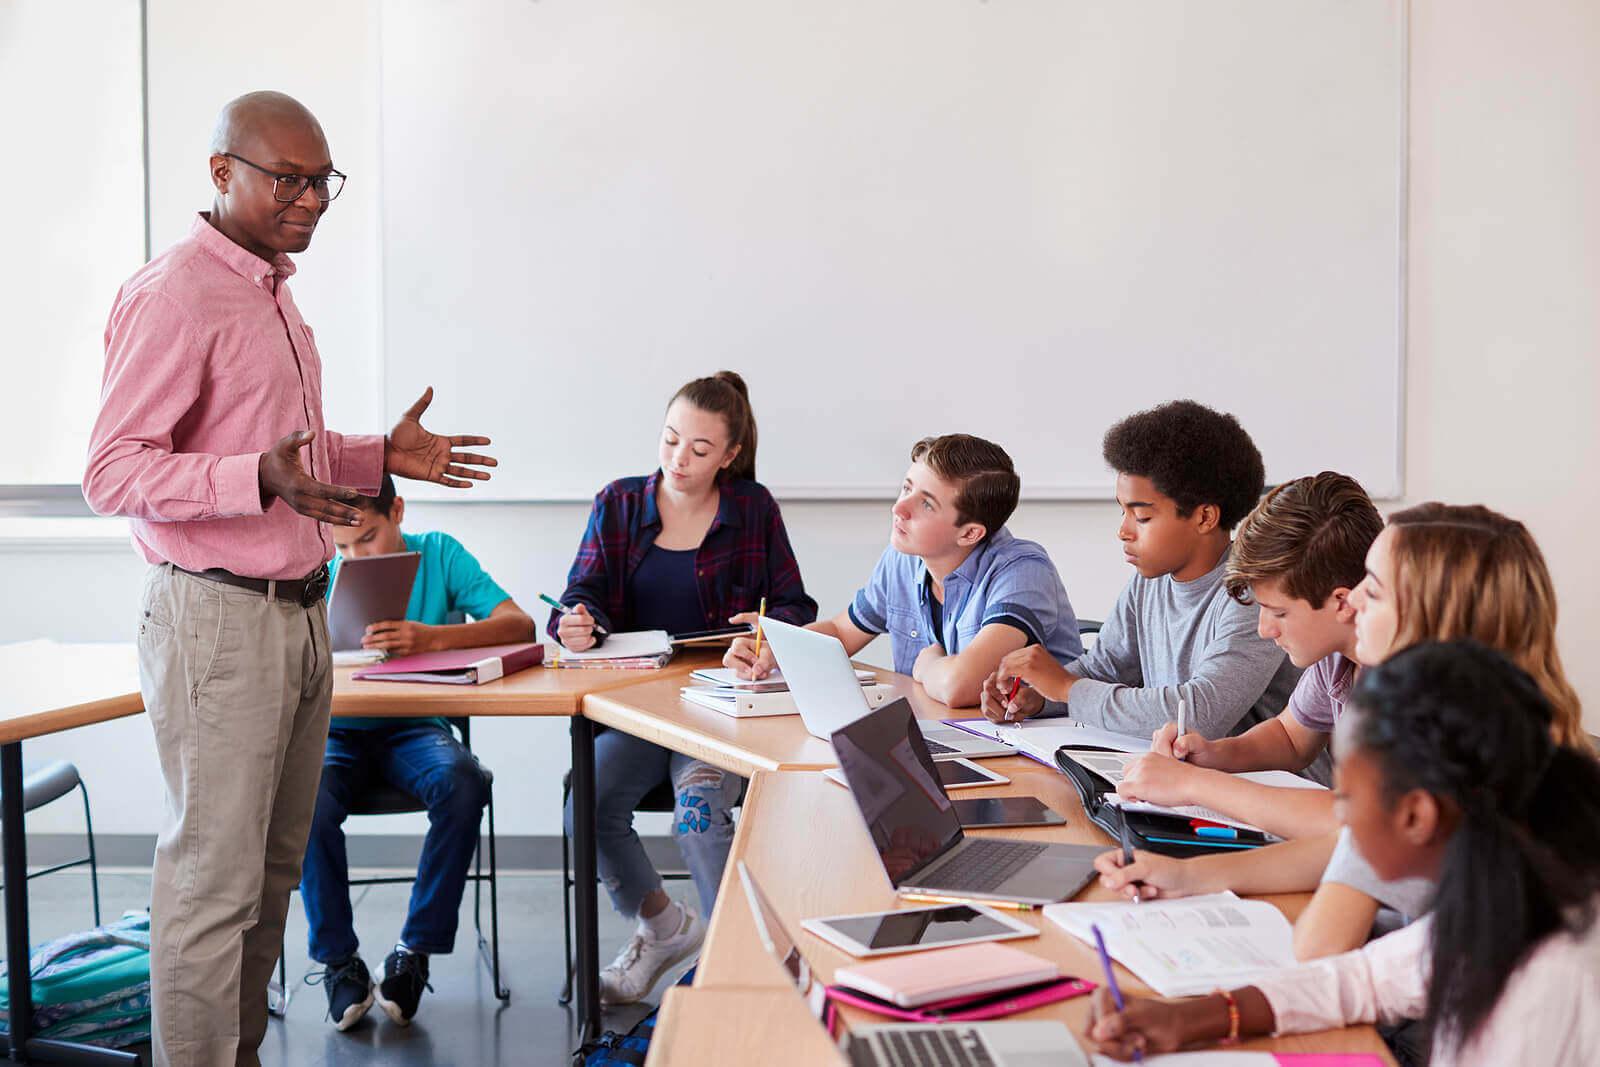 Hva består inquiry-basert læring av?